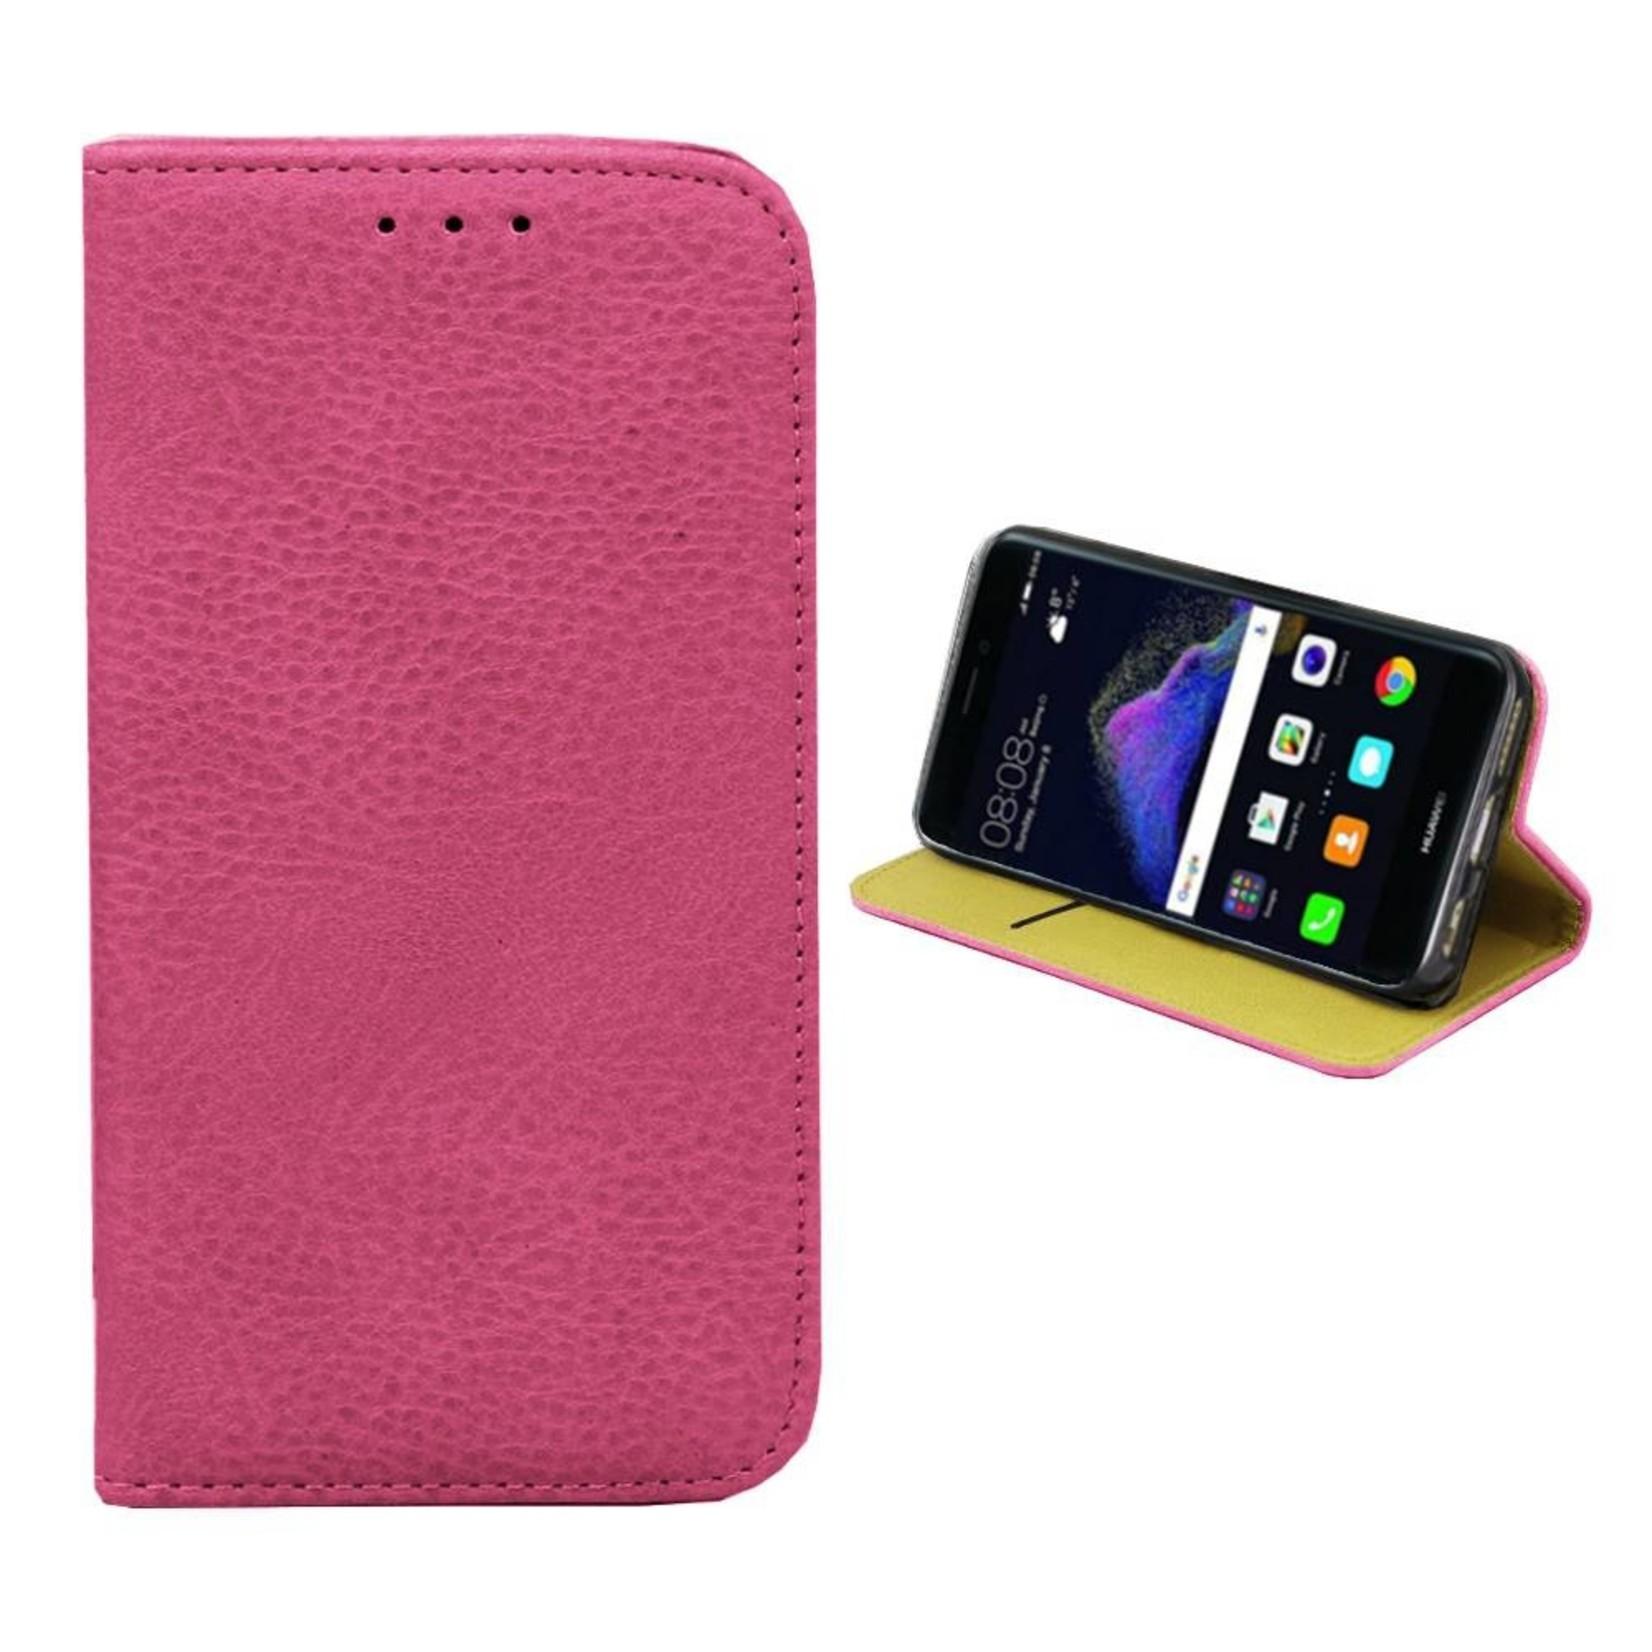 Colorfone Hoesje Book voor Huawei P10 Lite Roze